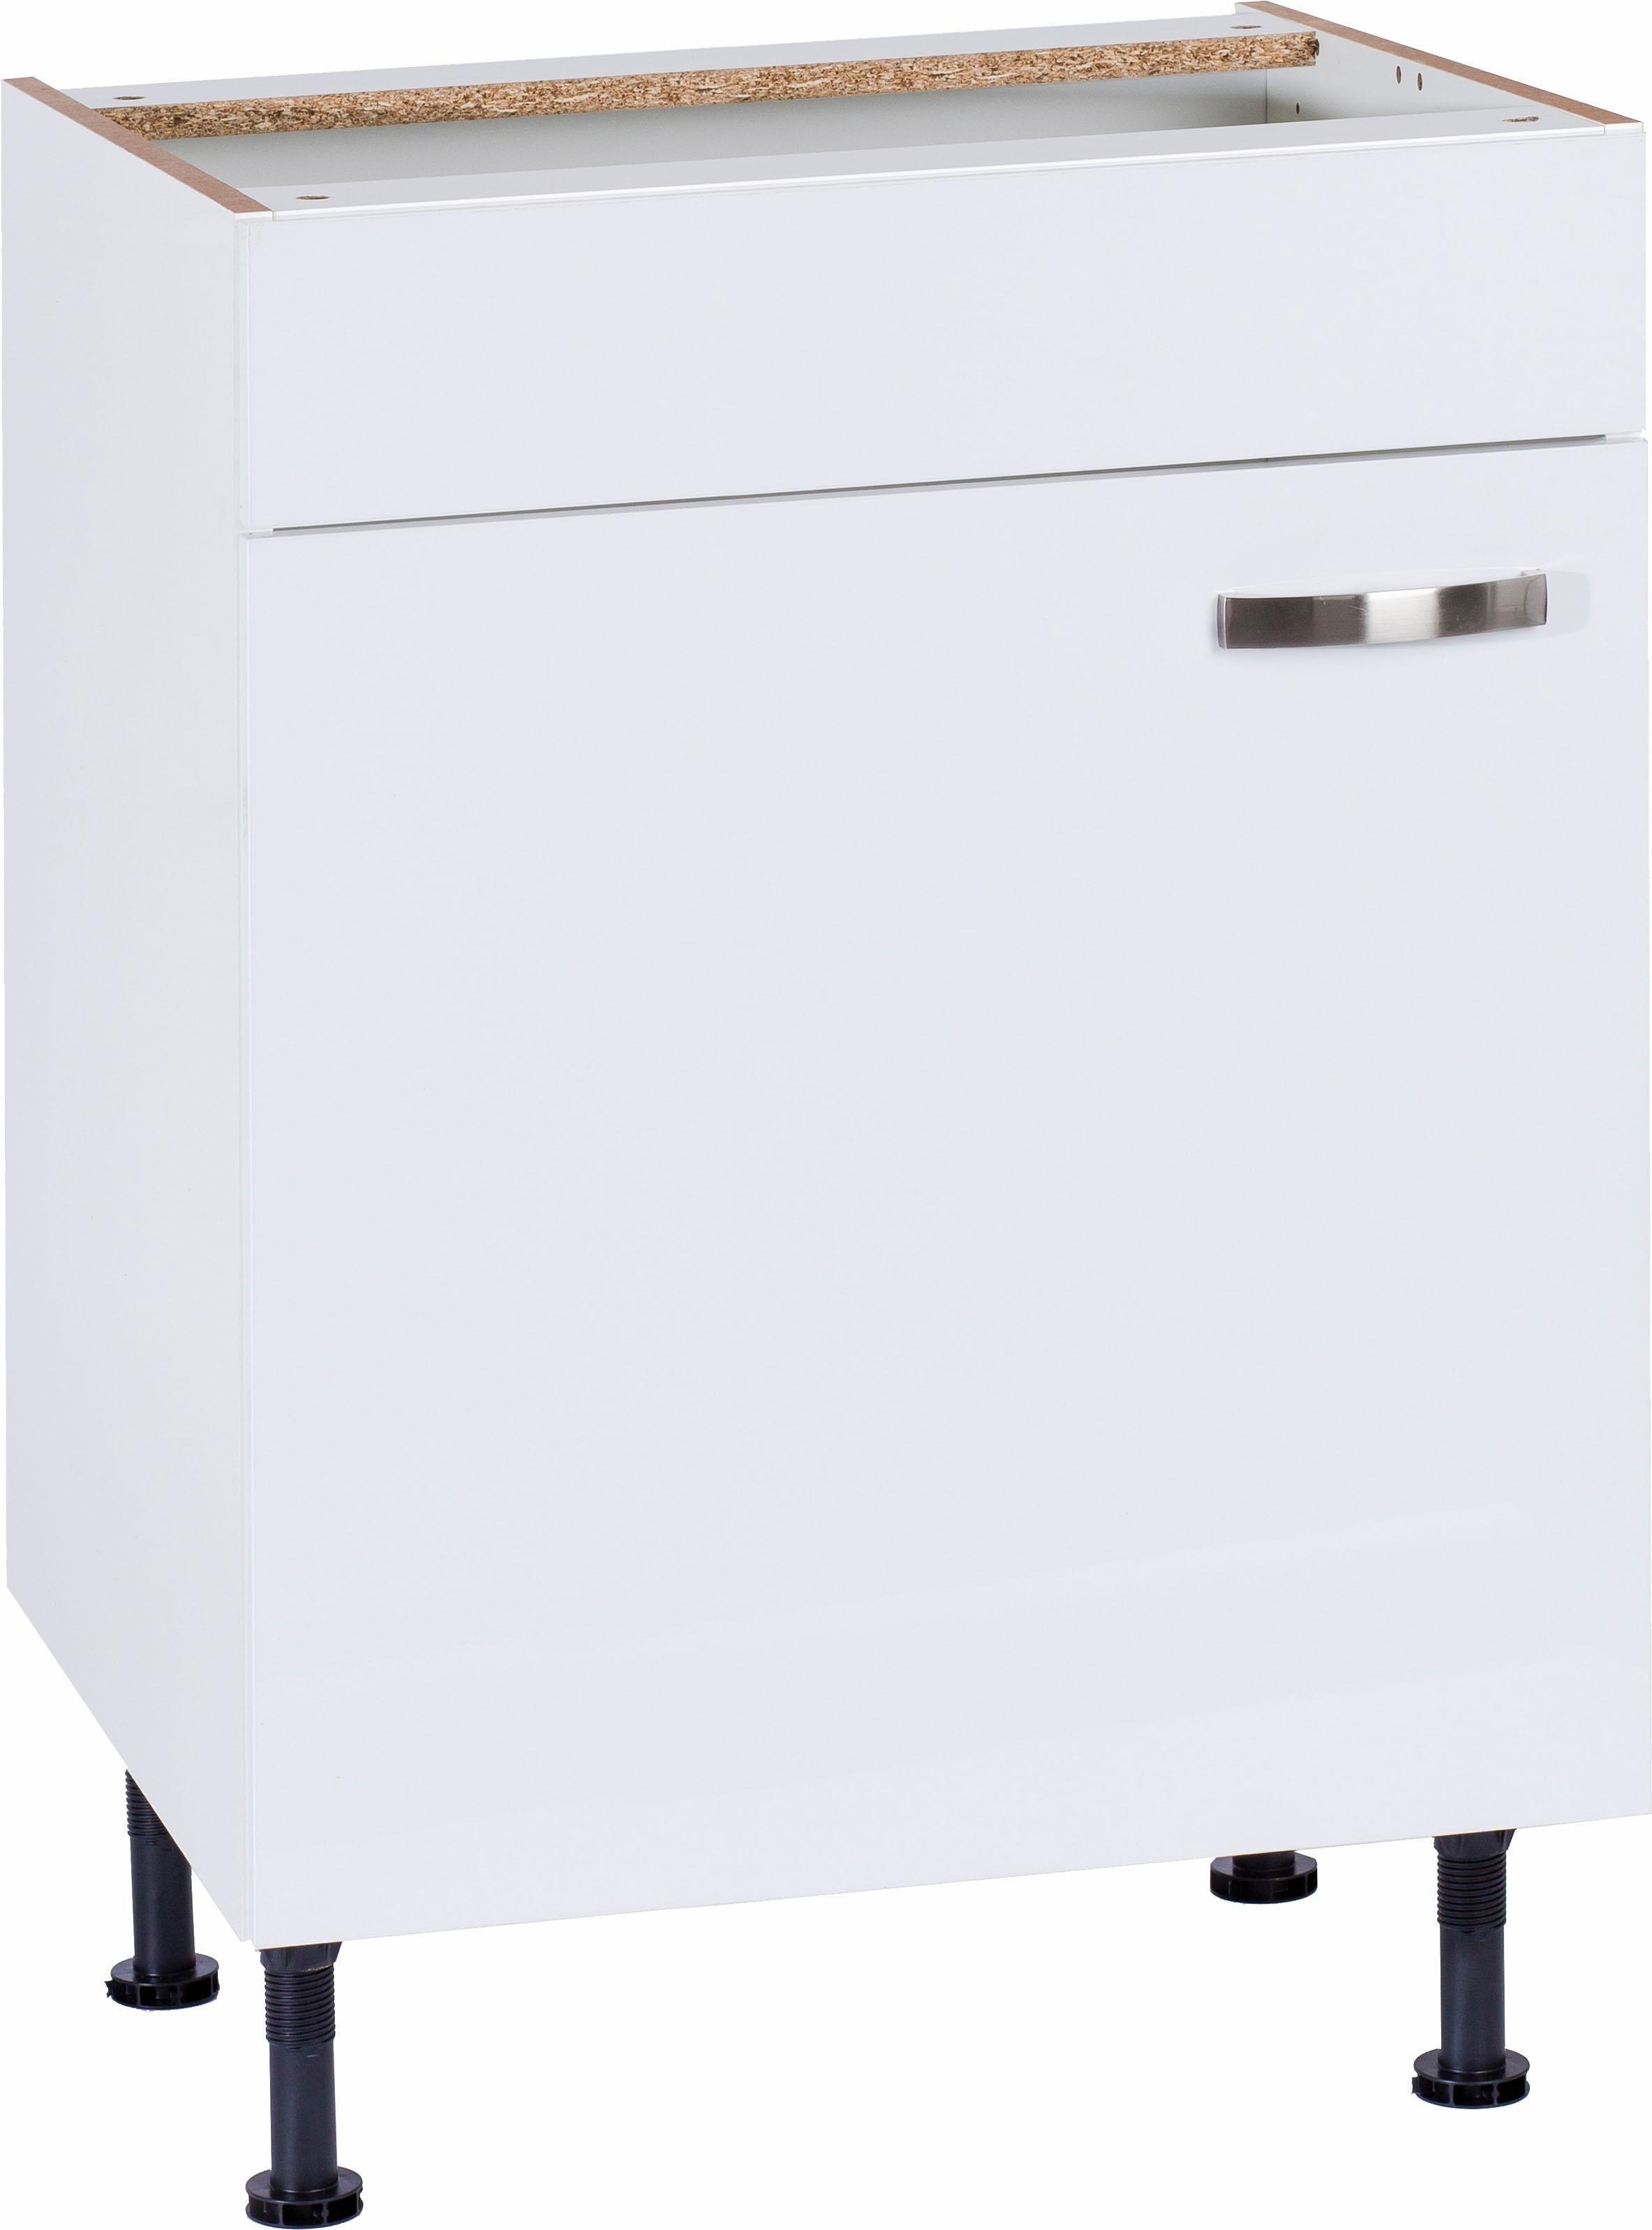 OPTIFIT »Cara« Spülenschrank, Breite 60 cm | Küche und Esszimmer > Küchenschränke > Spülenschränke | Anthrazit - Weiß - Glanz | Beton - Glänzend - Mdf - Melamin | OPTIFIT